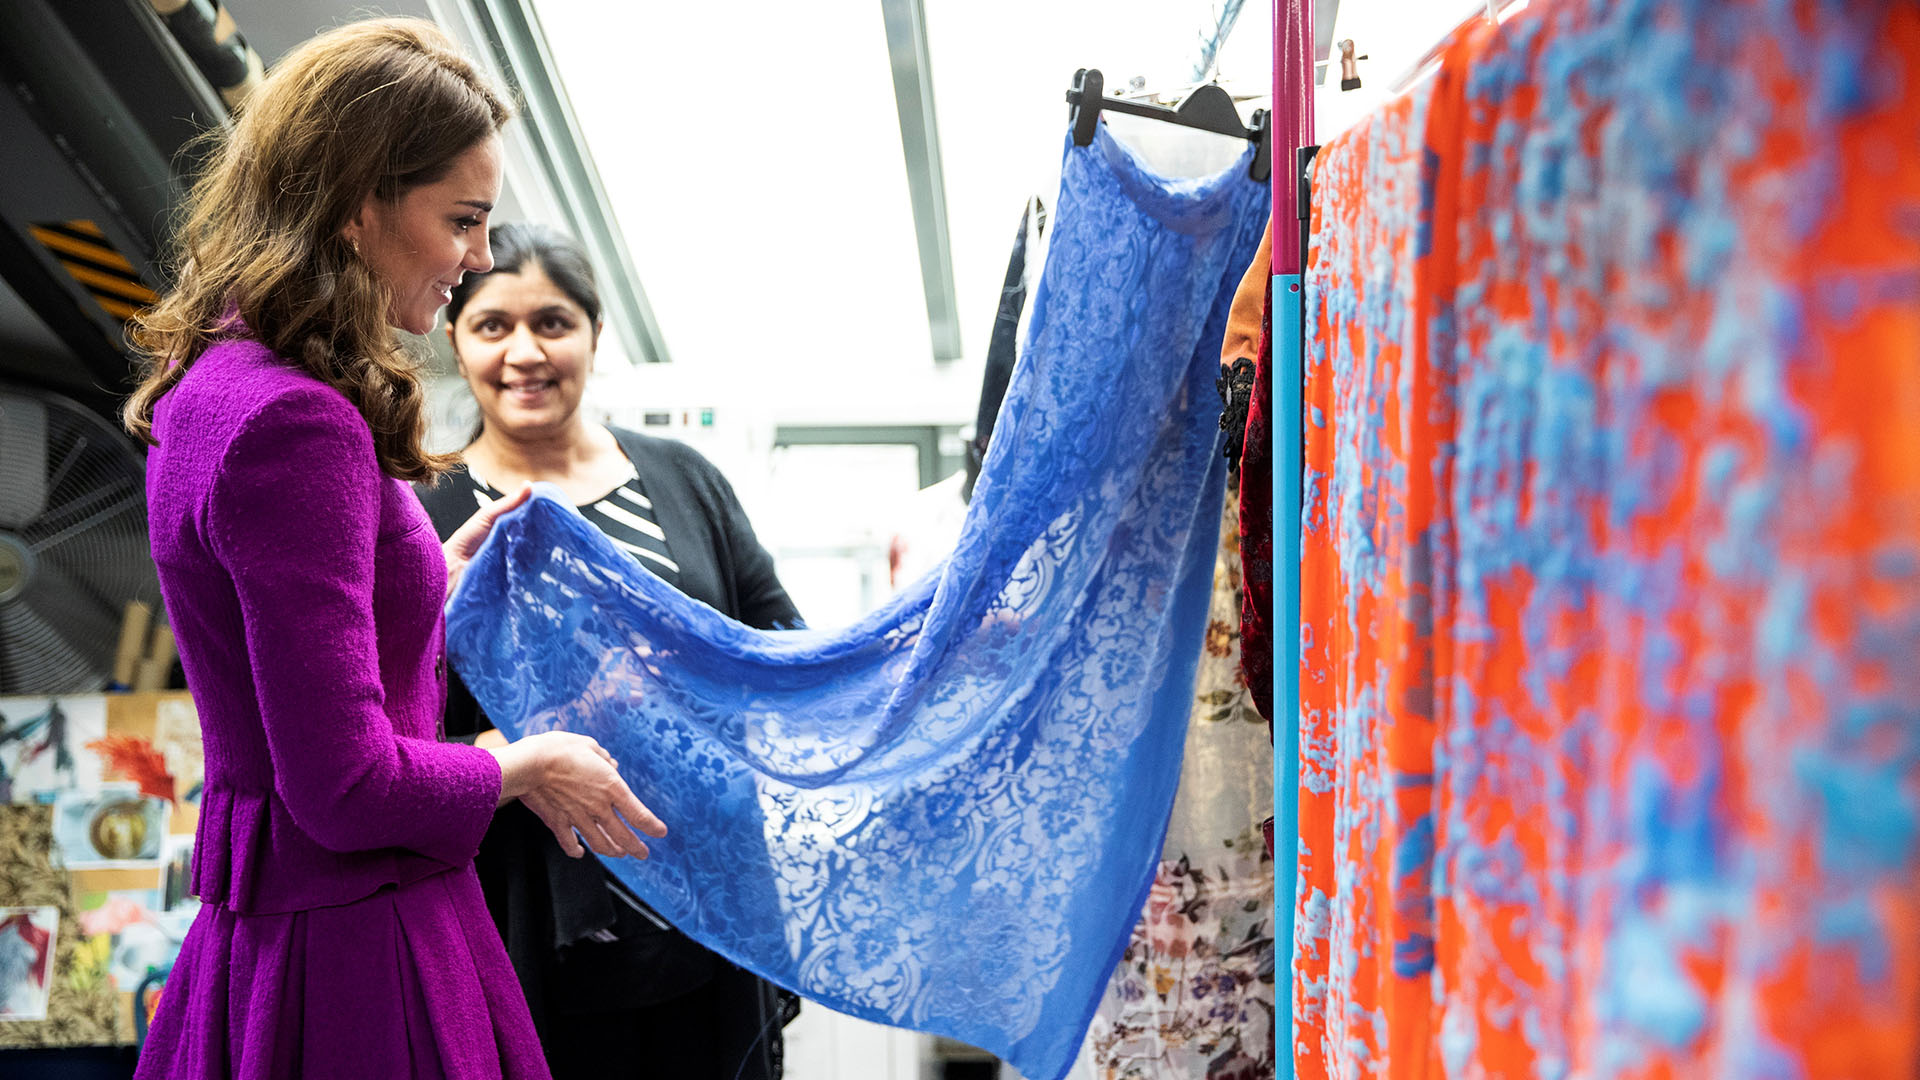 Catalina se mostró muy interesada en conocer los orígenes de cada una de las valiosas piezas textiles, que se guardan en la Opera Royal House